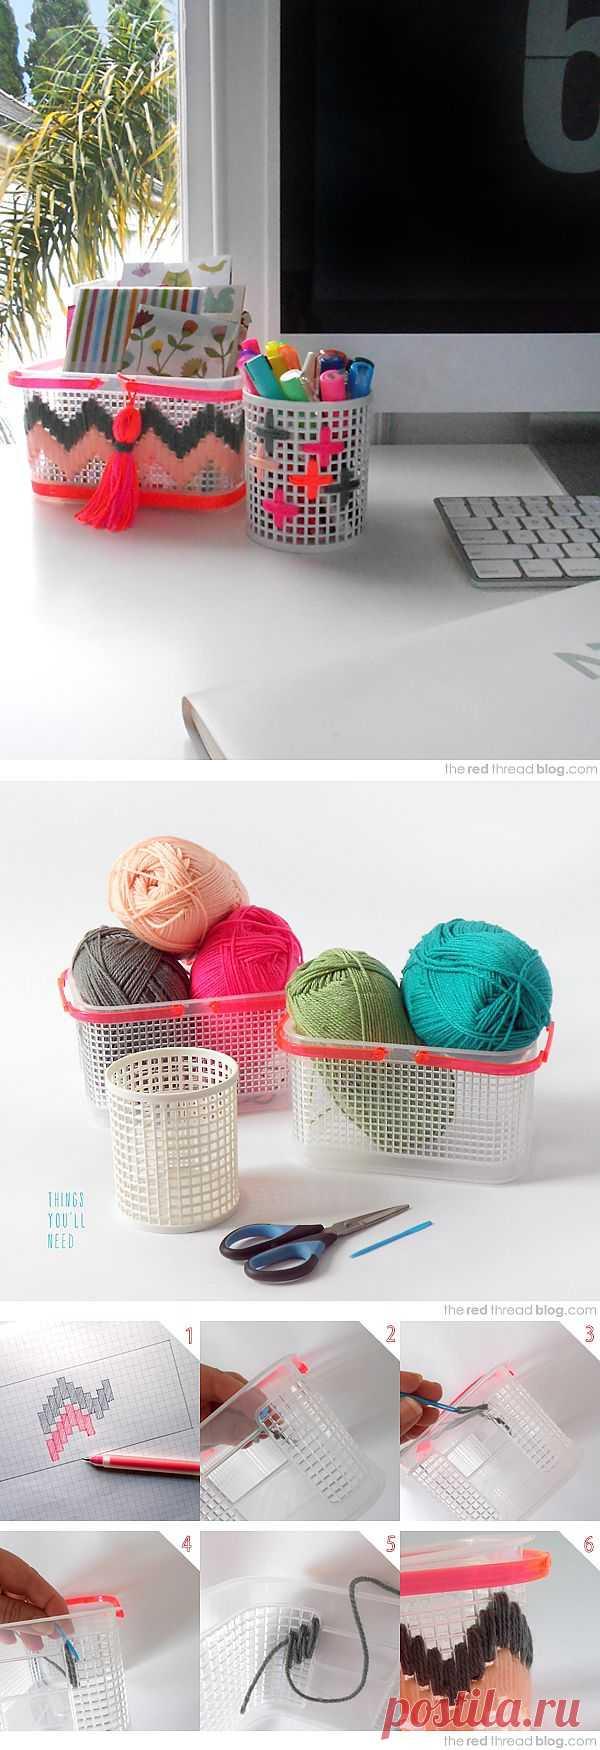 Вышитые корзинки как способ организации стола (Diy) / Организованное хранение / Модный сайт о стильной переделке одежды и интерьера